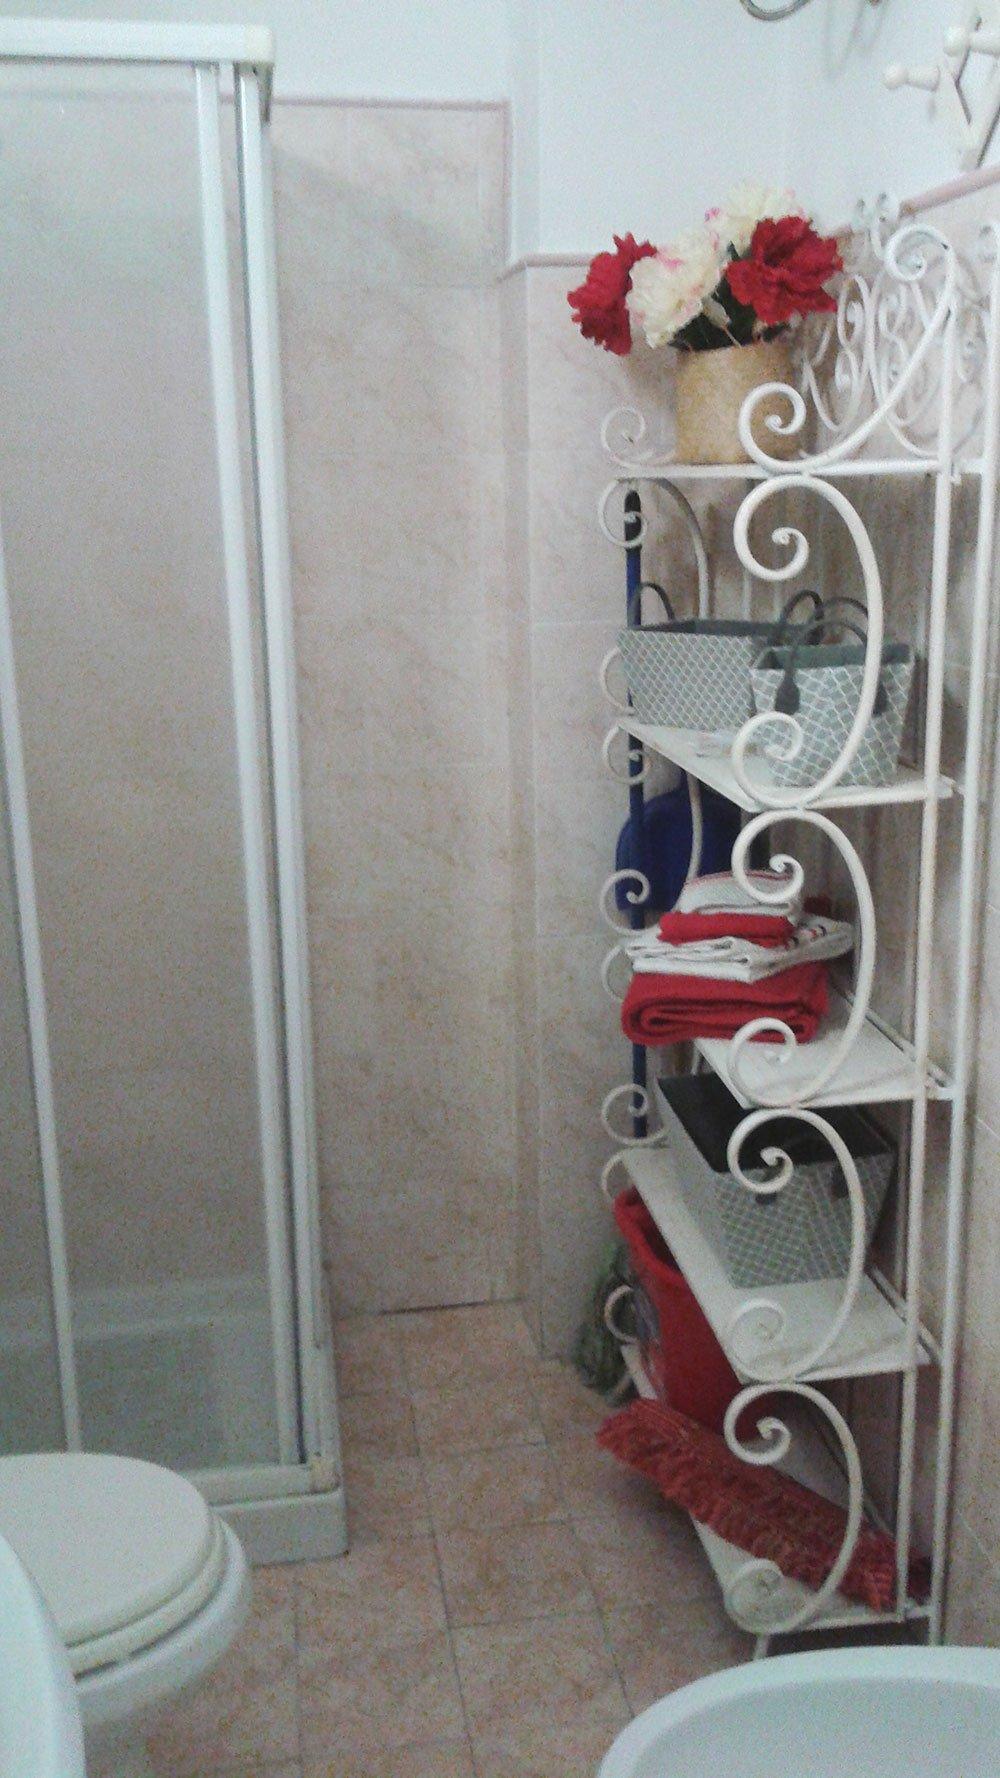 un bagno con sanitari, box doccia e uno scaffale bianco in metallo con asciugamani e vasi con fiori bianchi e rossi